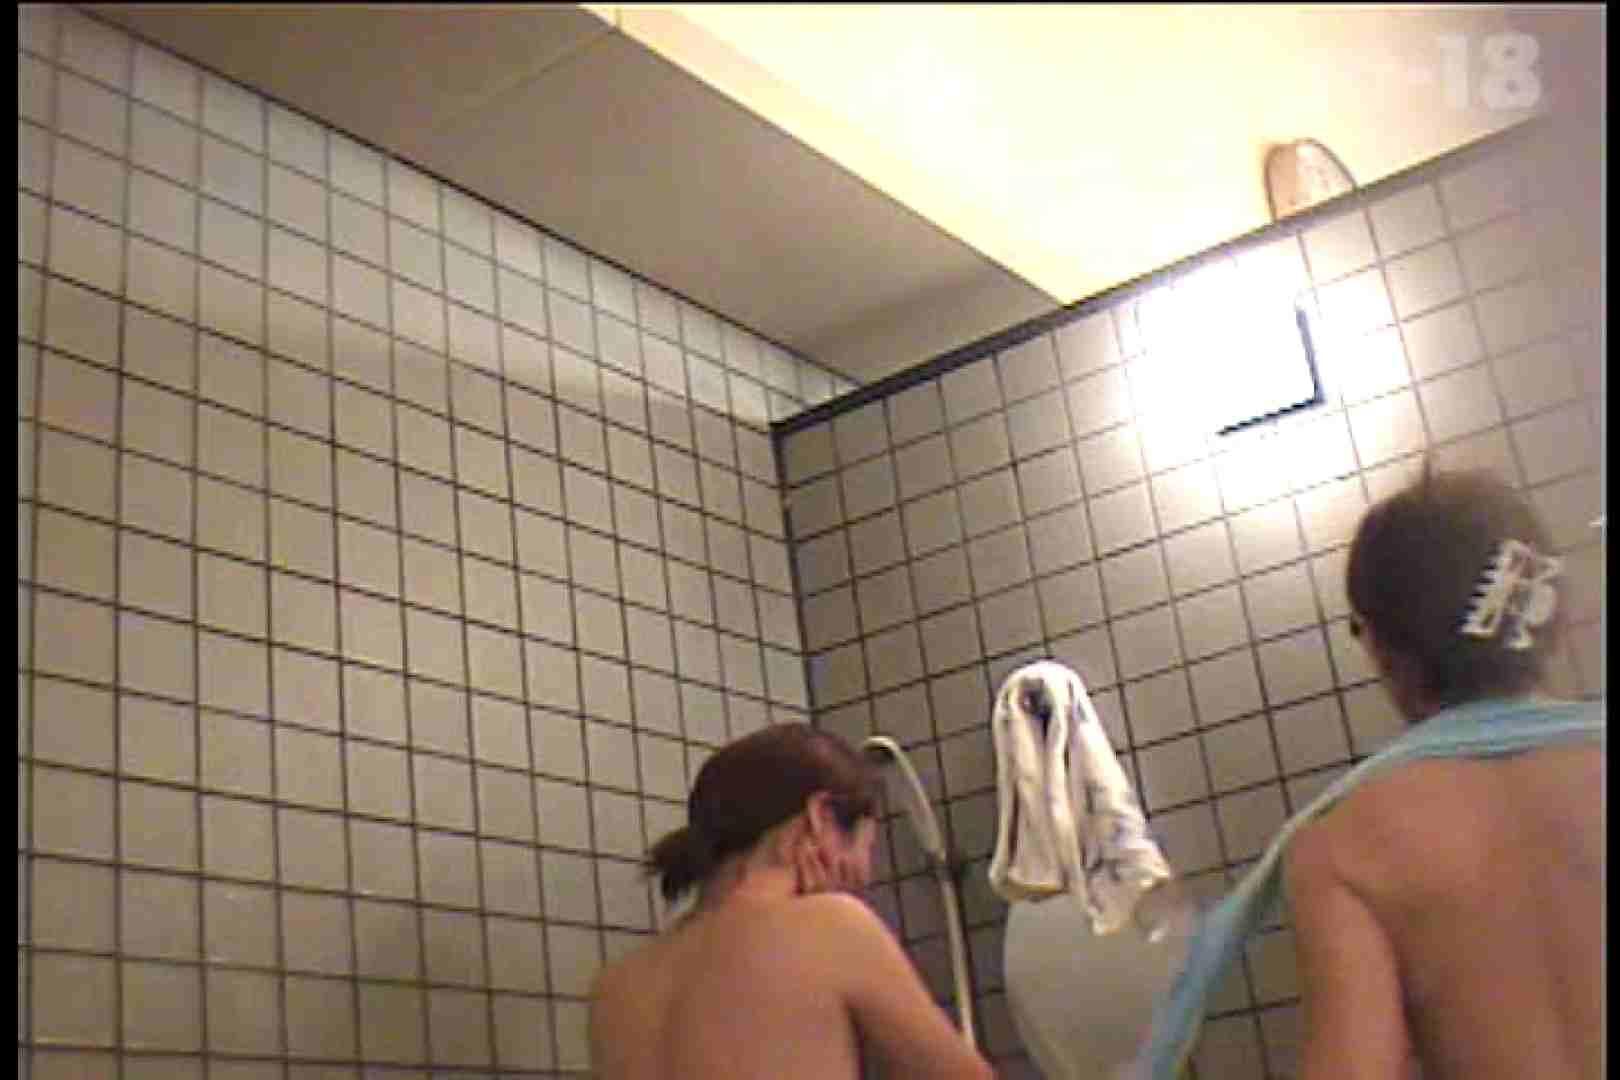 電波カメラ設置浴場からの防HAN映像 Vol.18 OLのボディ | 盗撮  102PIX 91